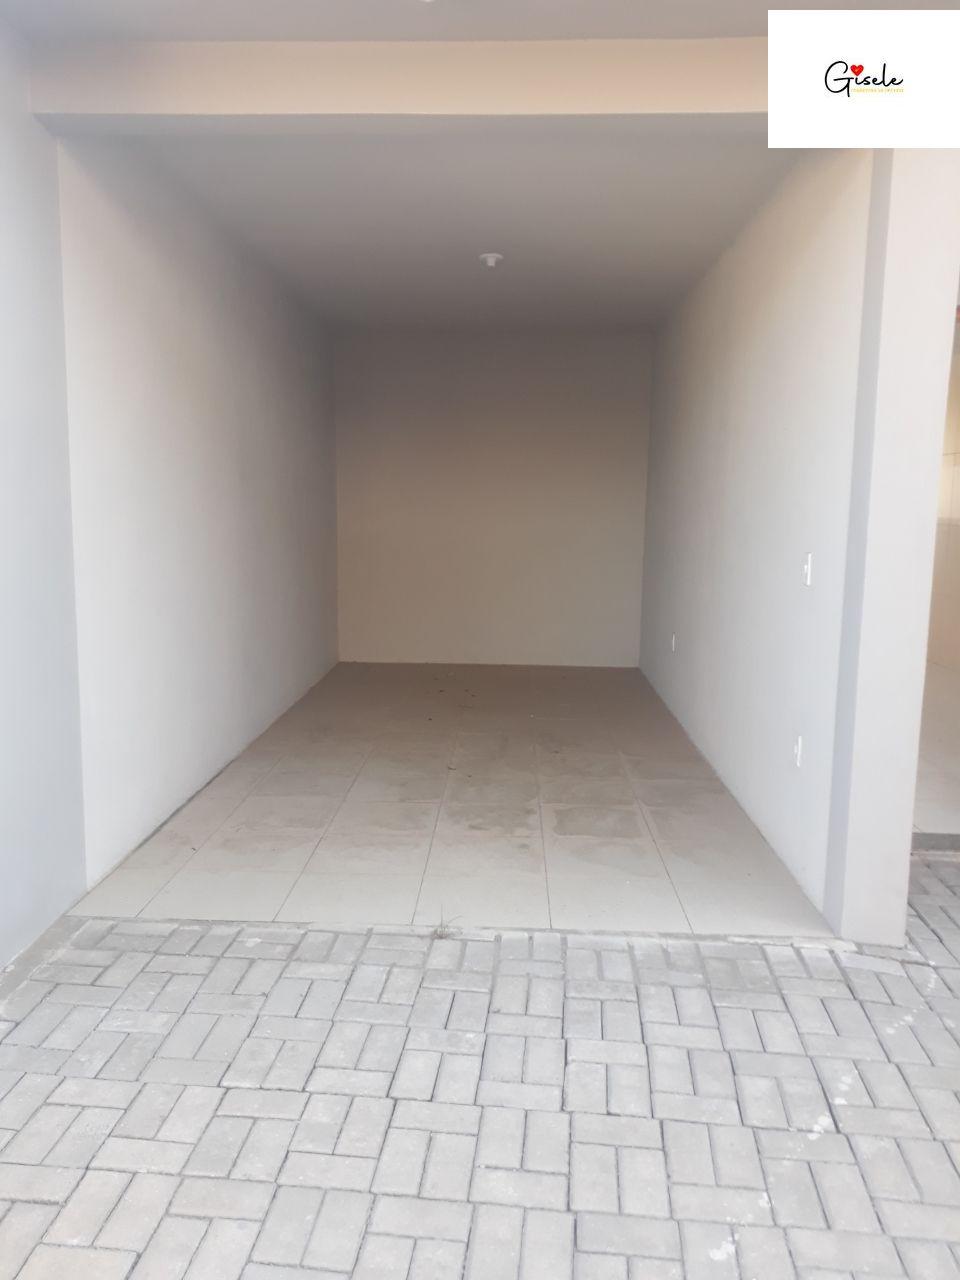 Sobrado com 2 Dormitórios à venda, 75 m² por R$ 230.000,00